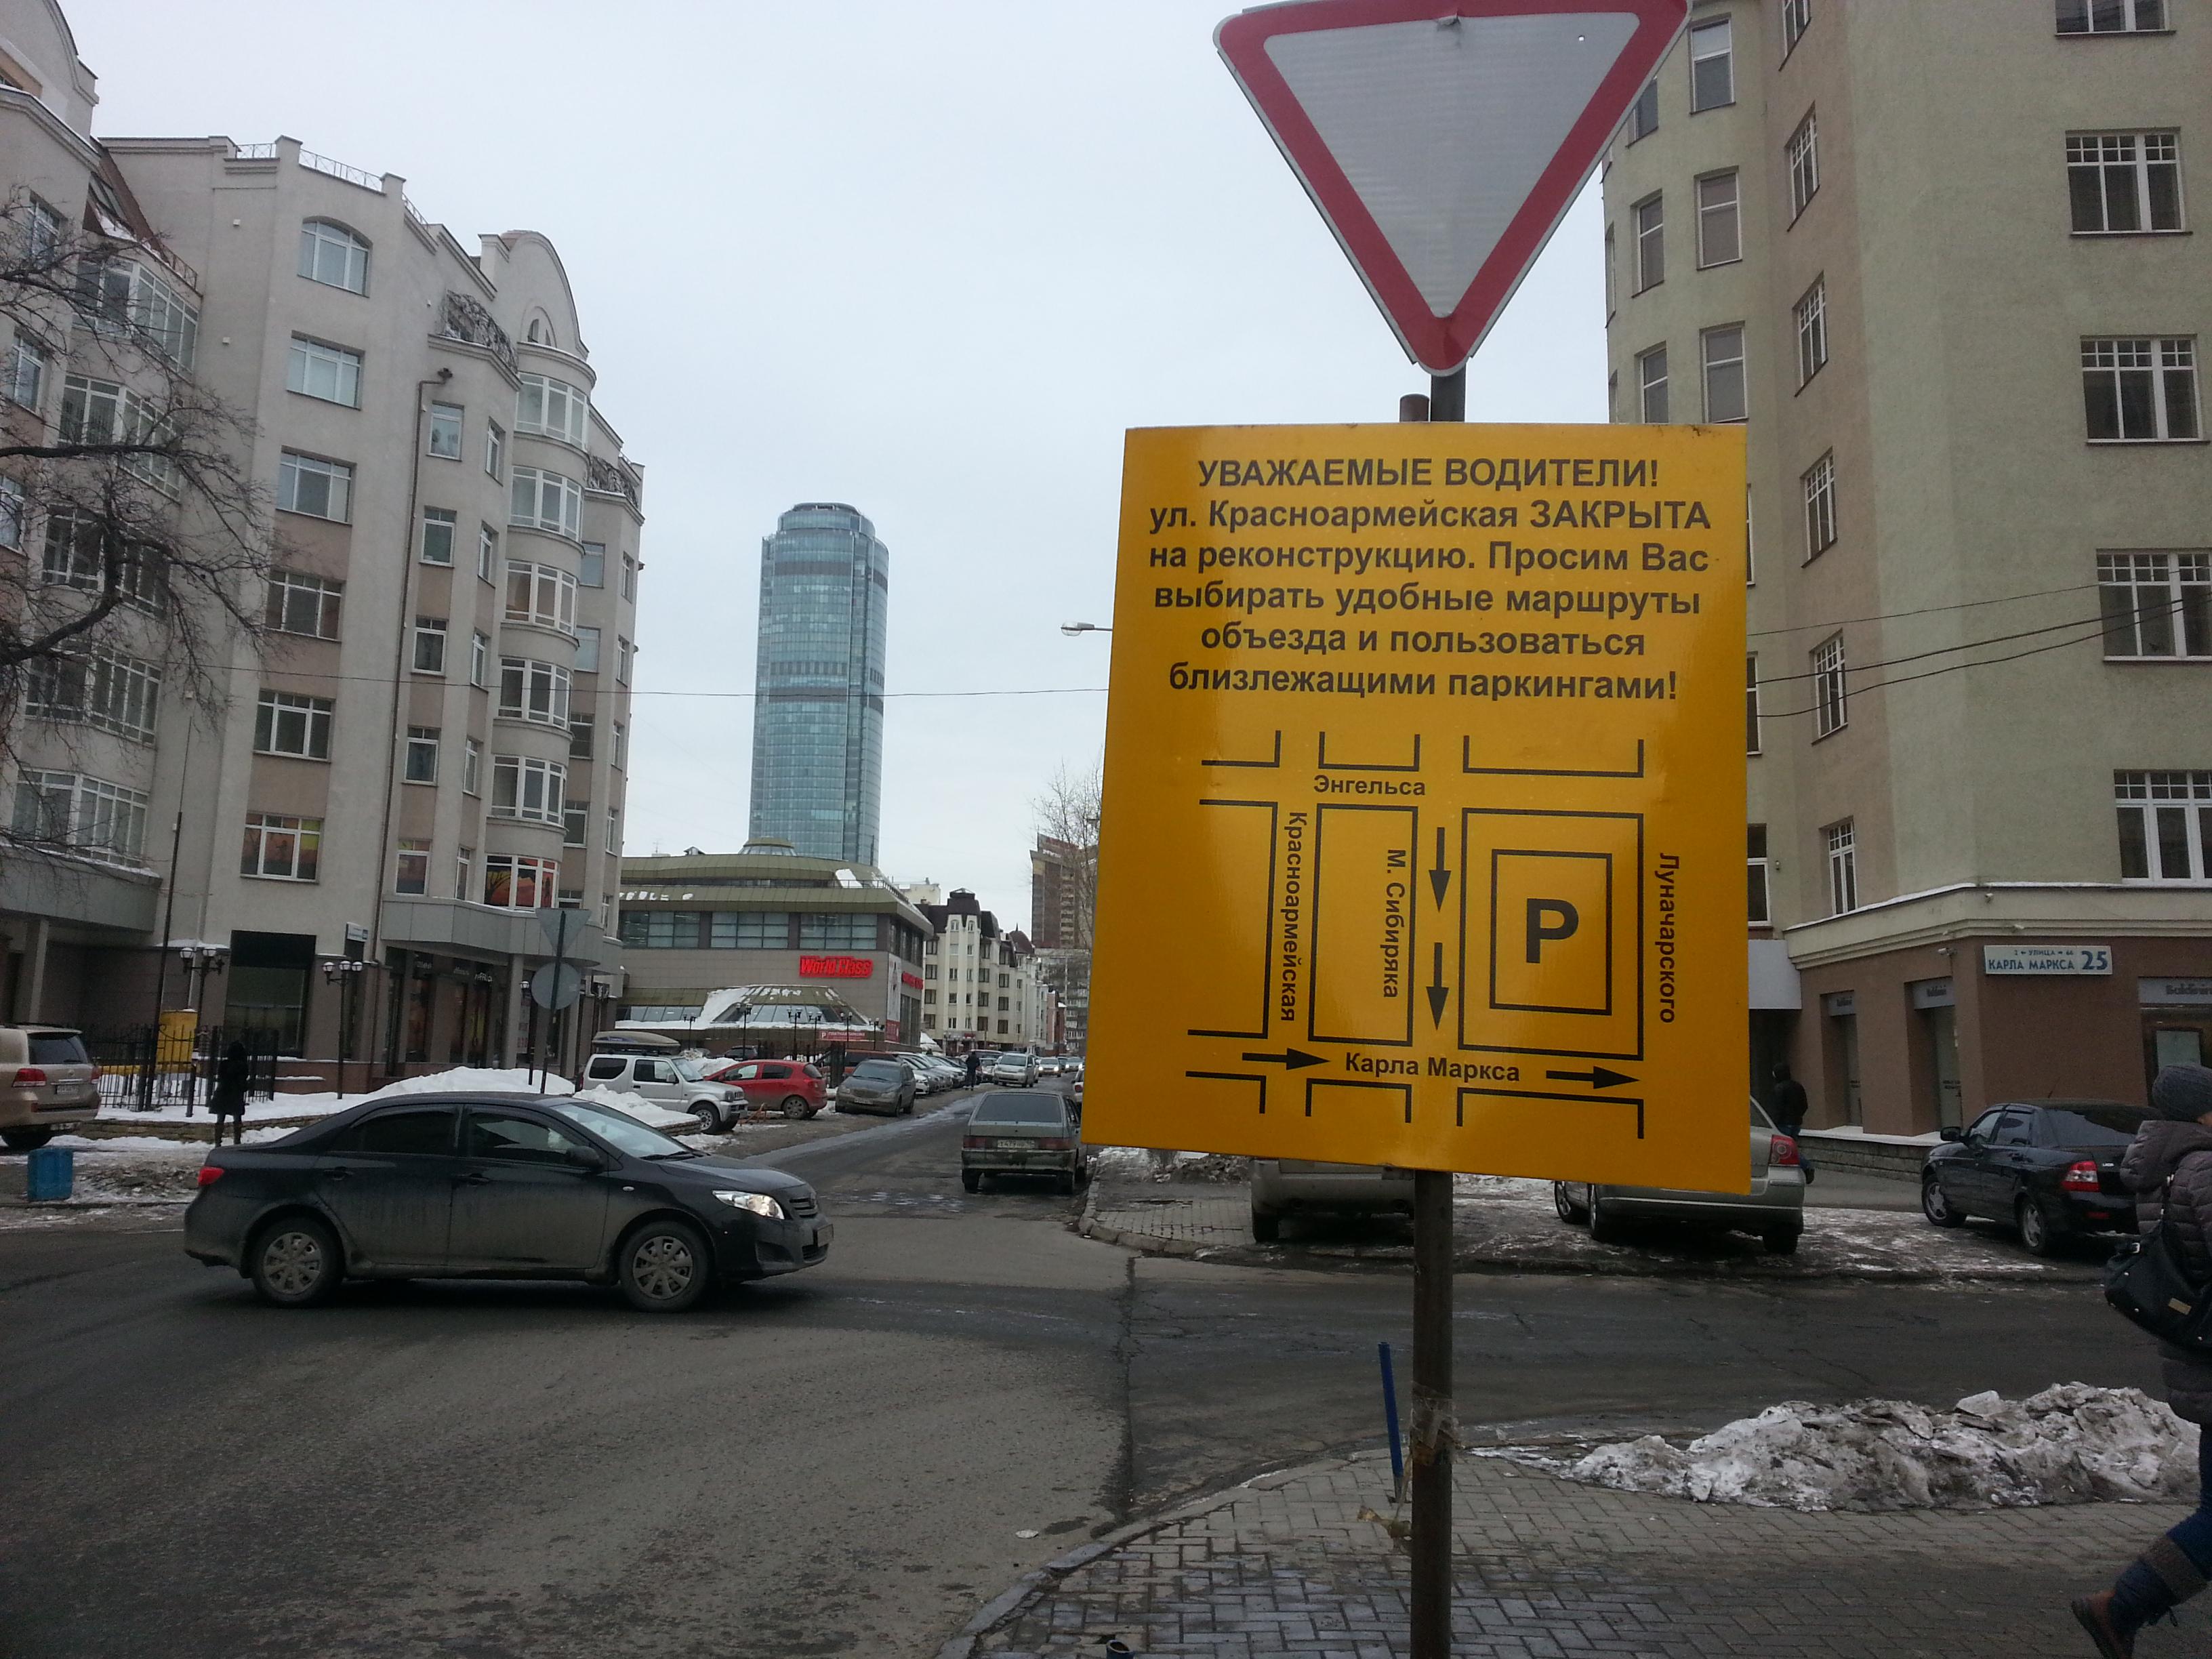 Улицу Красноармейскую закрыли на реконструкцию — к лету она станет пешеходной